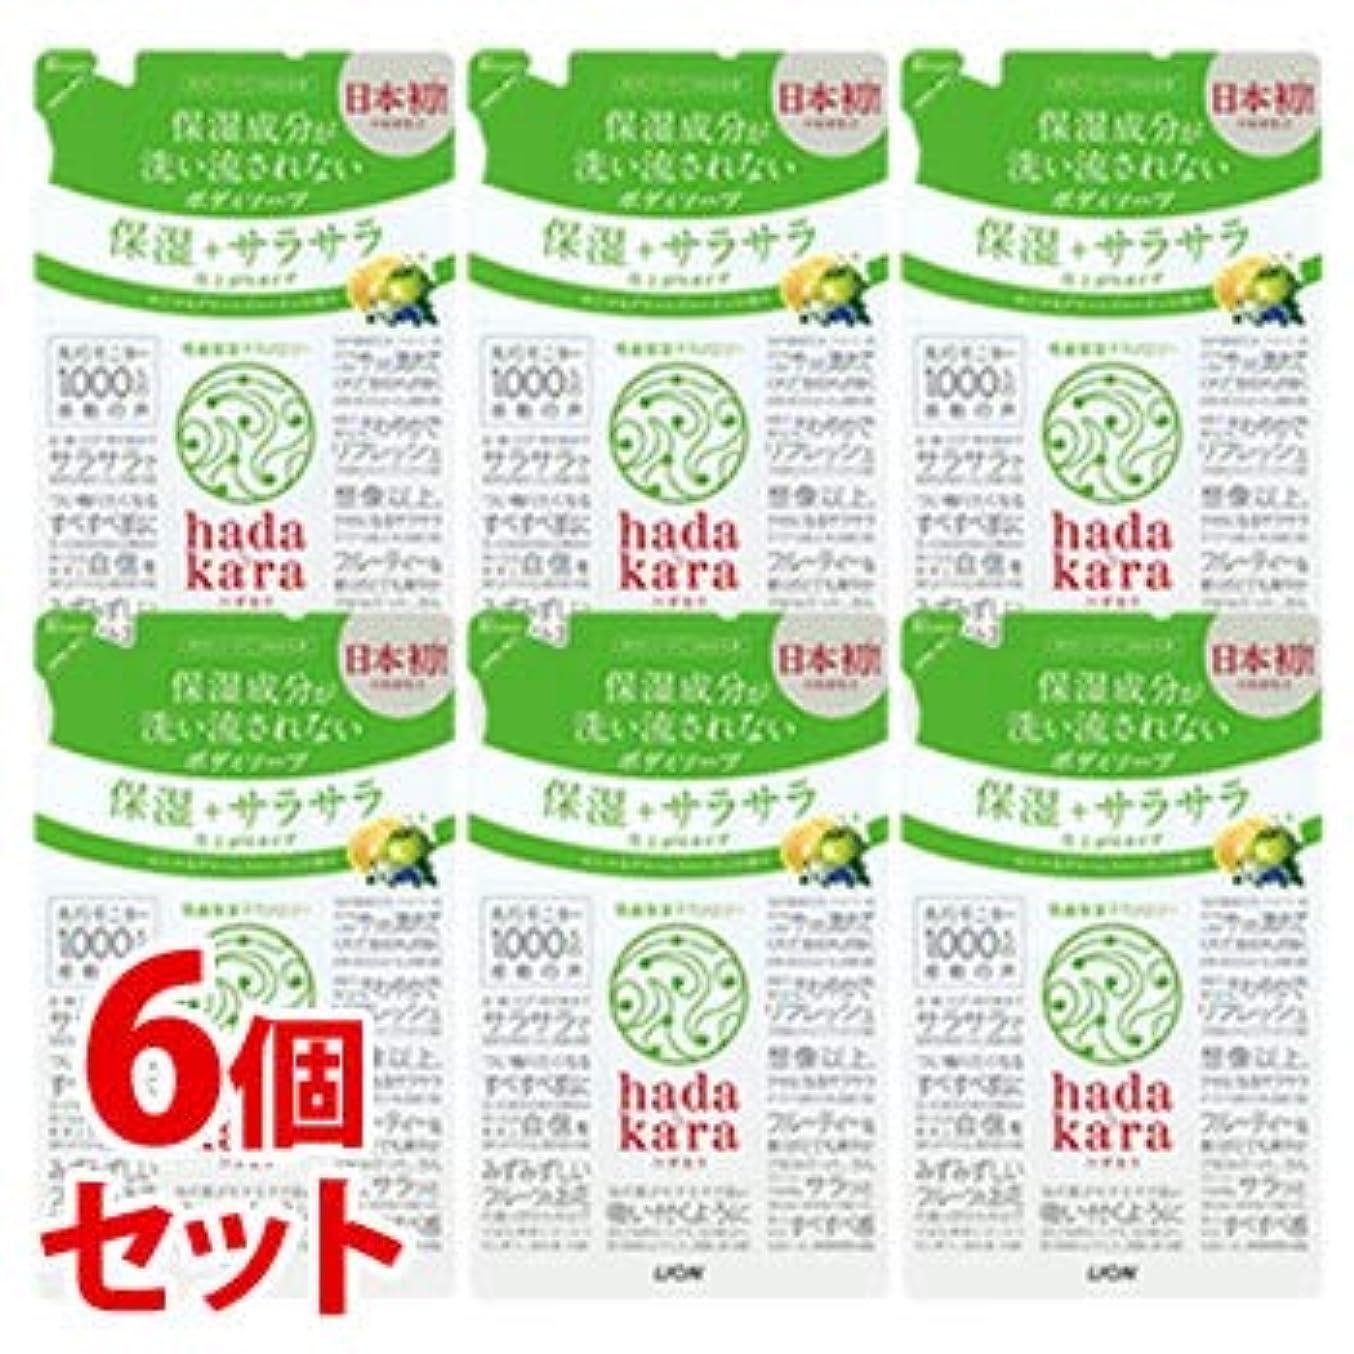 《セット販売》 ライオン ハダカラ hadakara ボディソープ 保湿+サラサラ仕上がりタイプ グリーンフルーティの香り つめかえ用 (340mL)×6個セット 詰め替え用